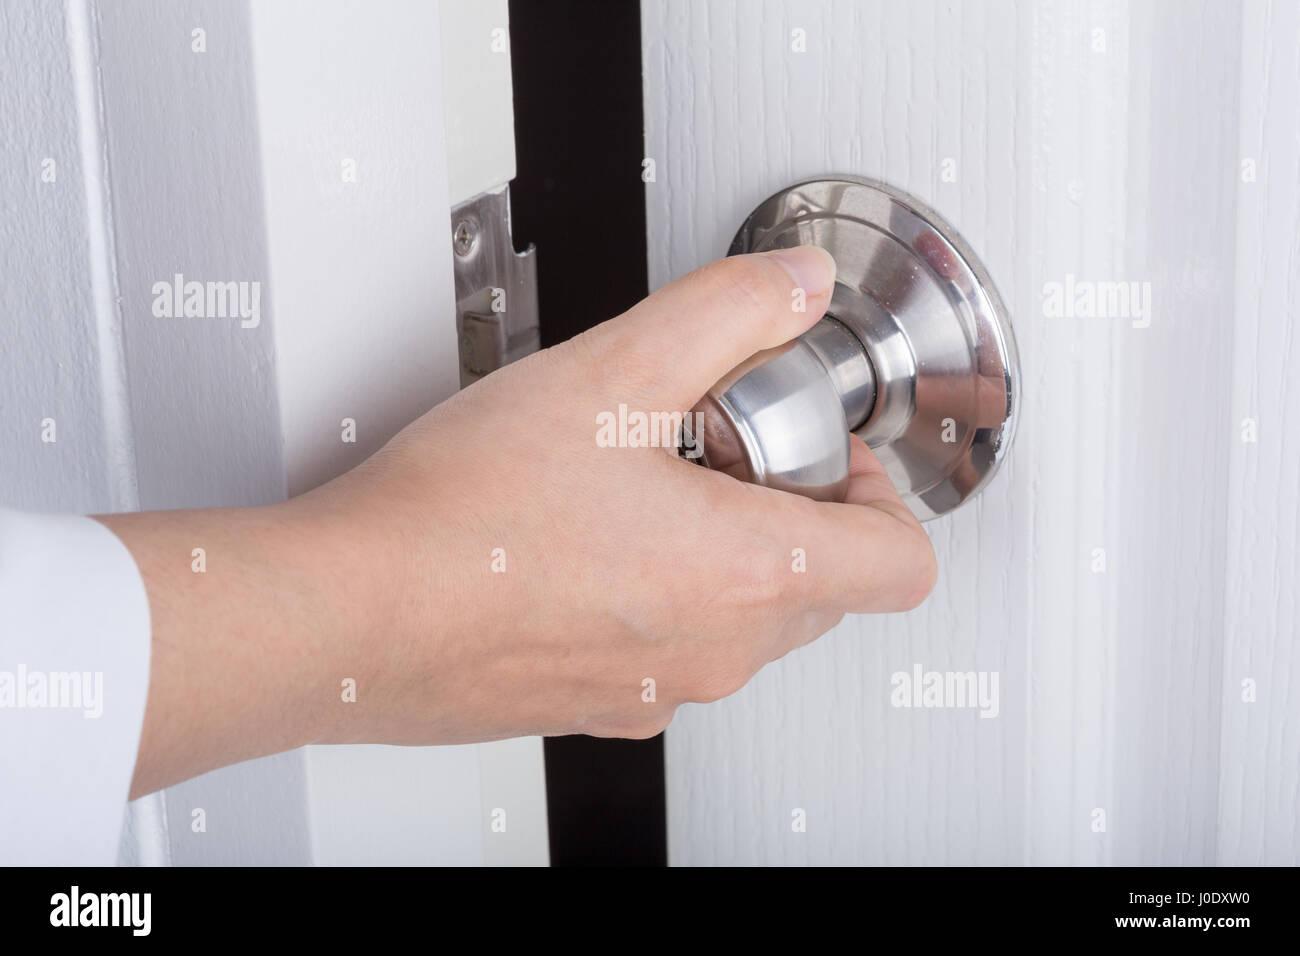 Hand opening door knob on the white door Stock Photo: 137989404 - Alamy